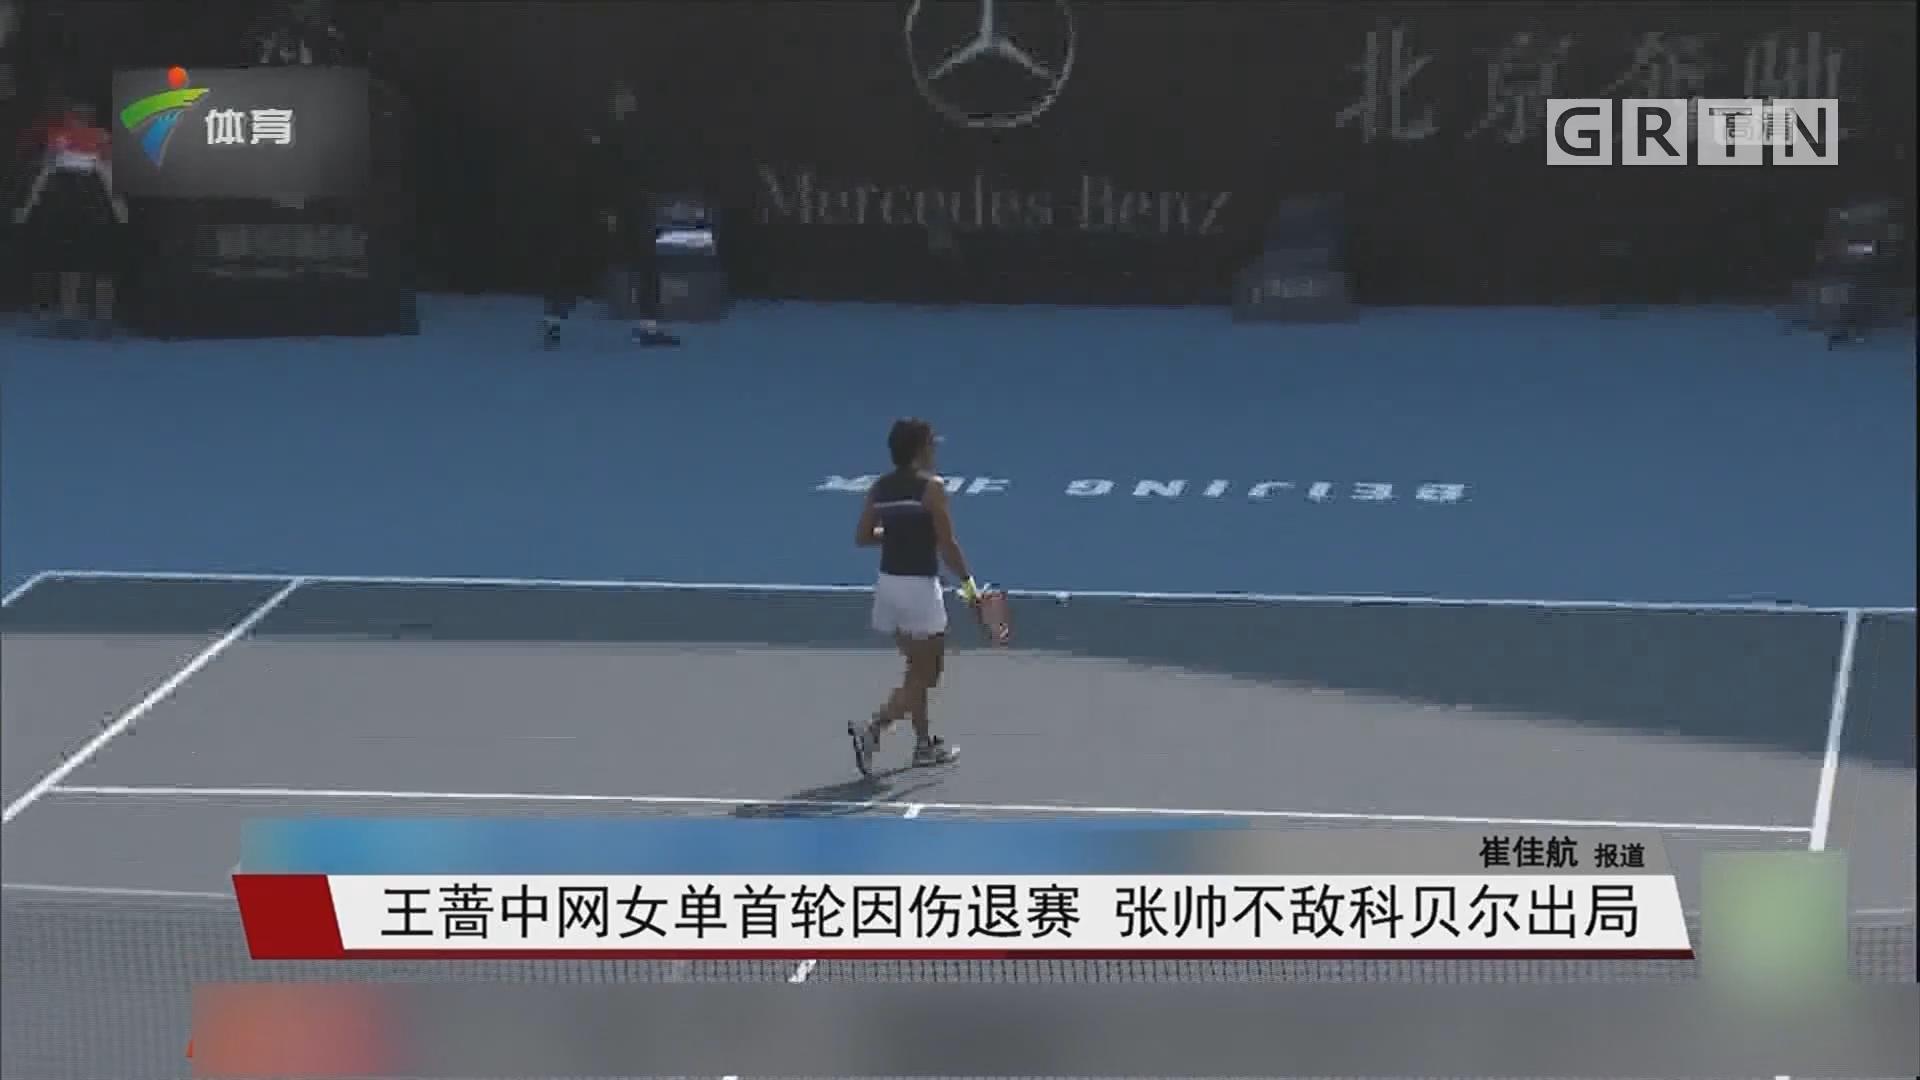 王蔷中网女单首轮因伤退赛 张帅不敌科贝尔出局